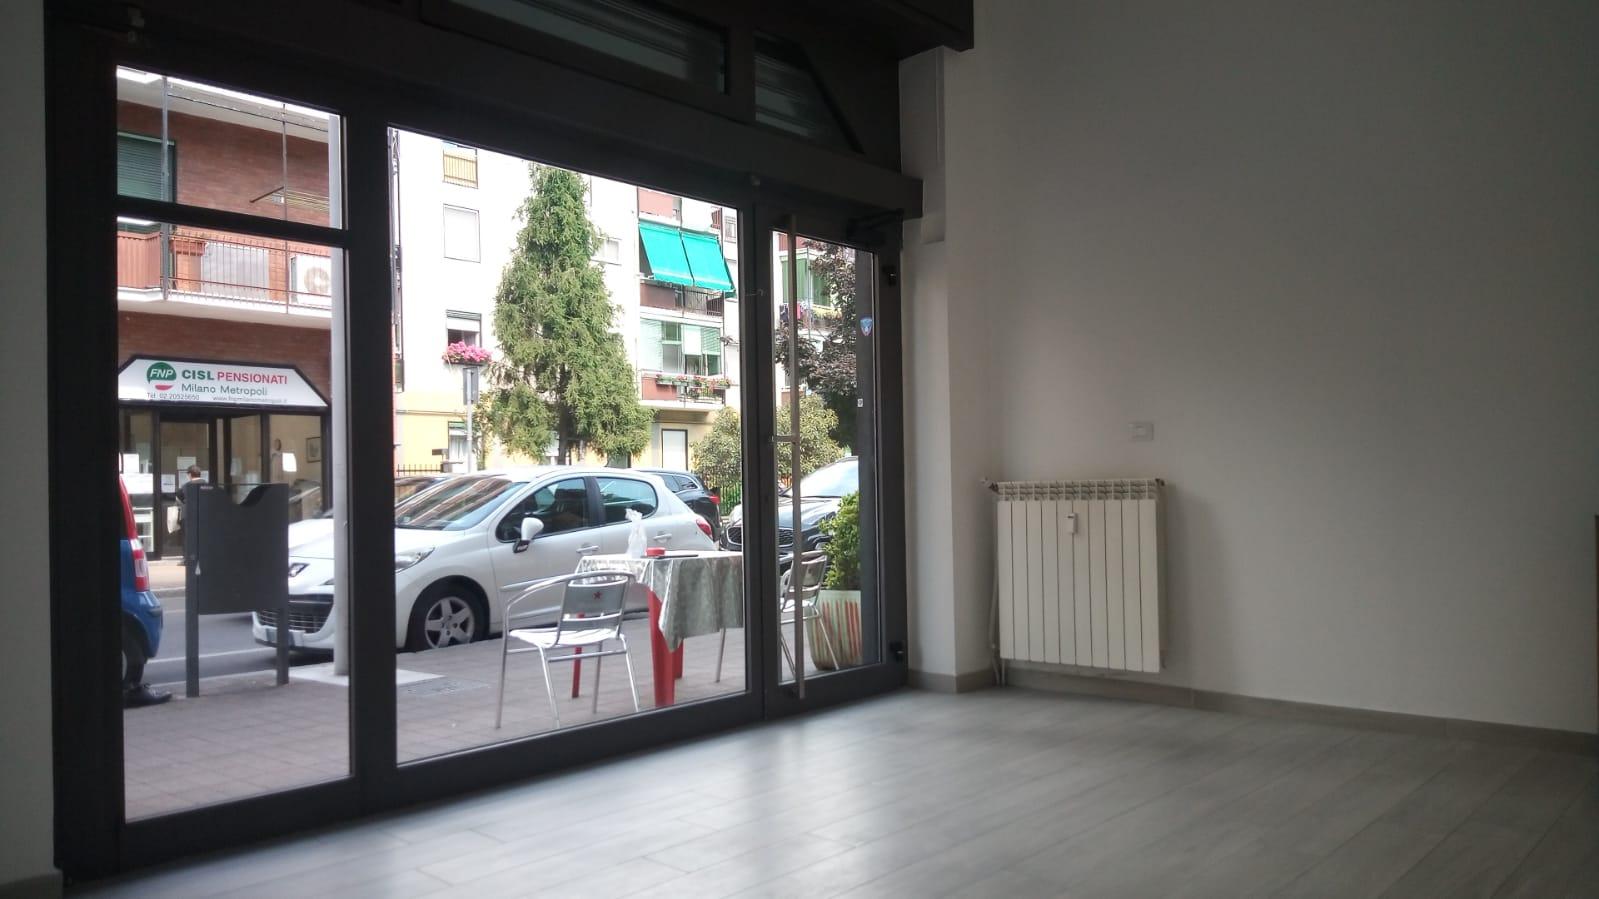 Locale commerciale in Affitto San Giuliano Milanese, Via Filippo Turati 39